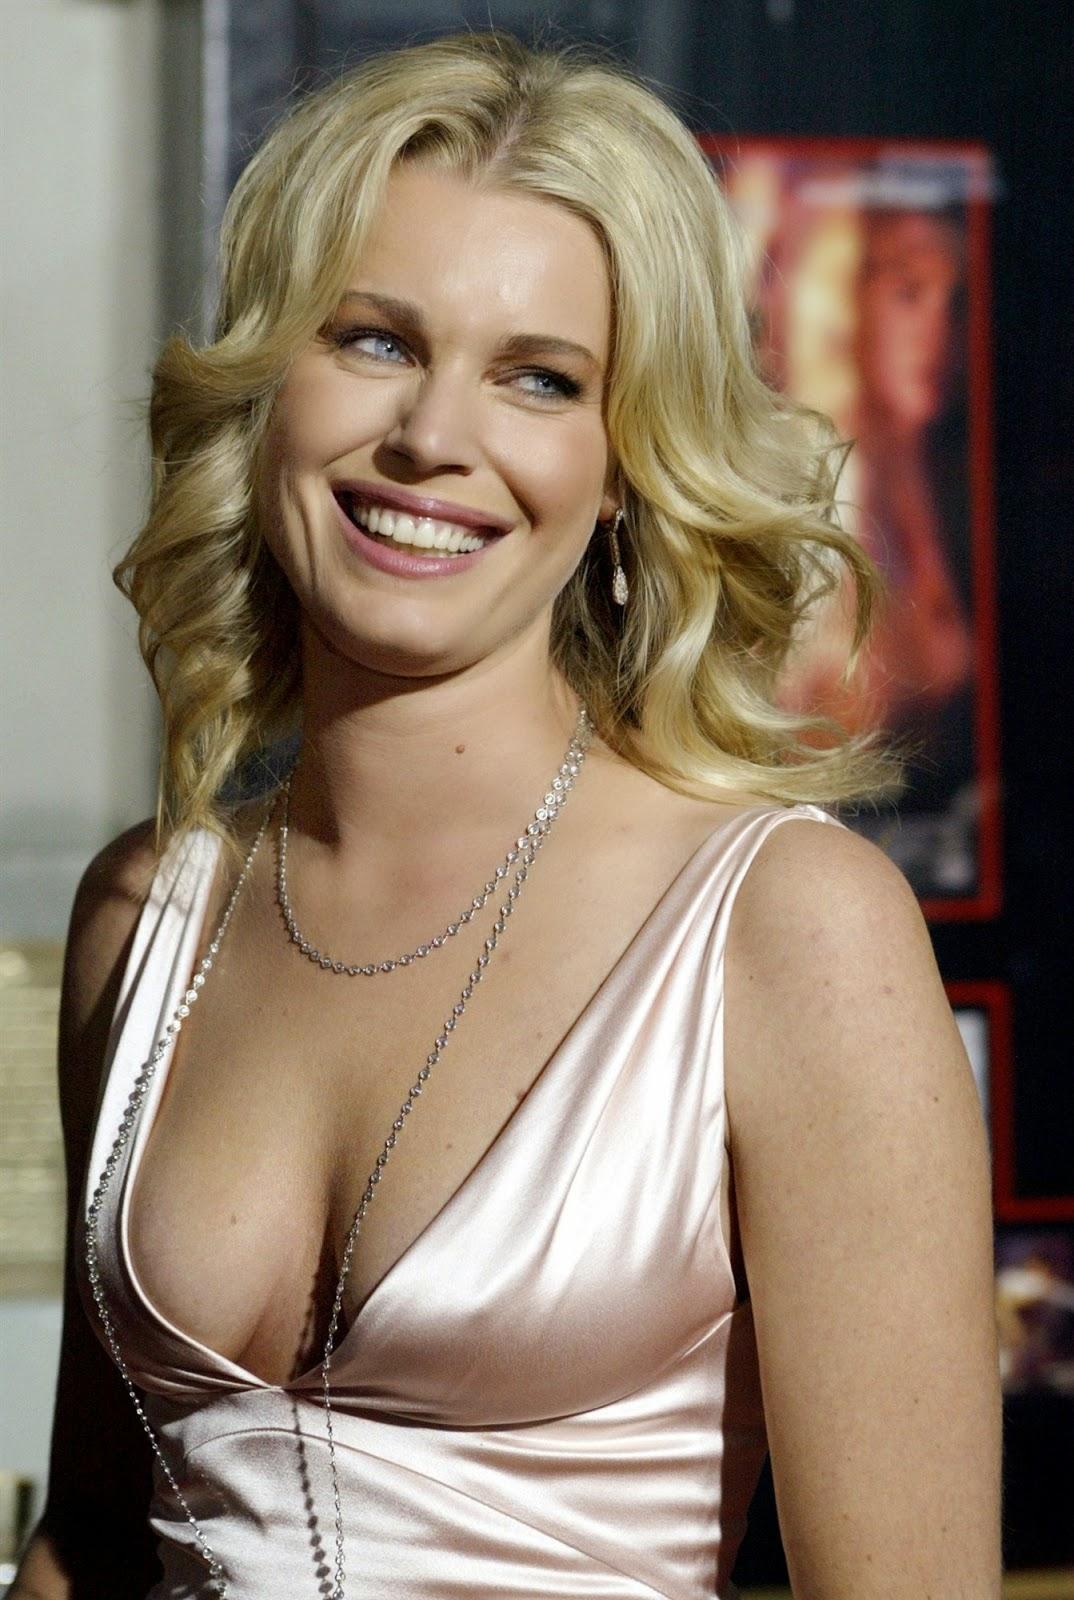 Rebecca romijn gossip celebrity entertainment news - Rebecca romijn measurements ...